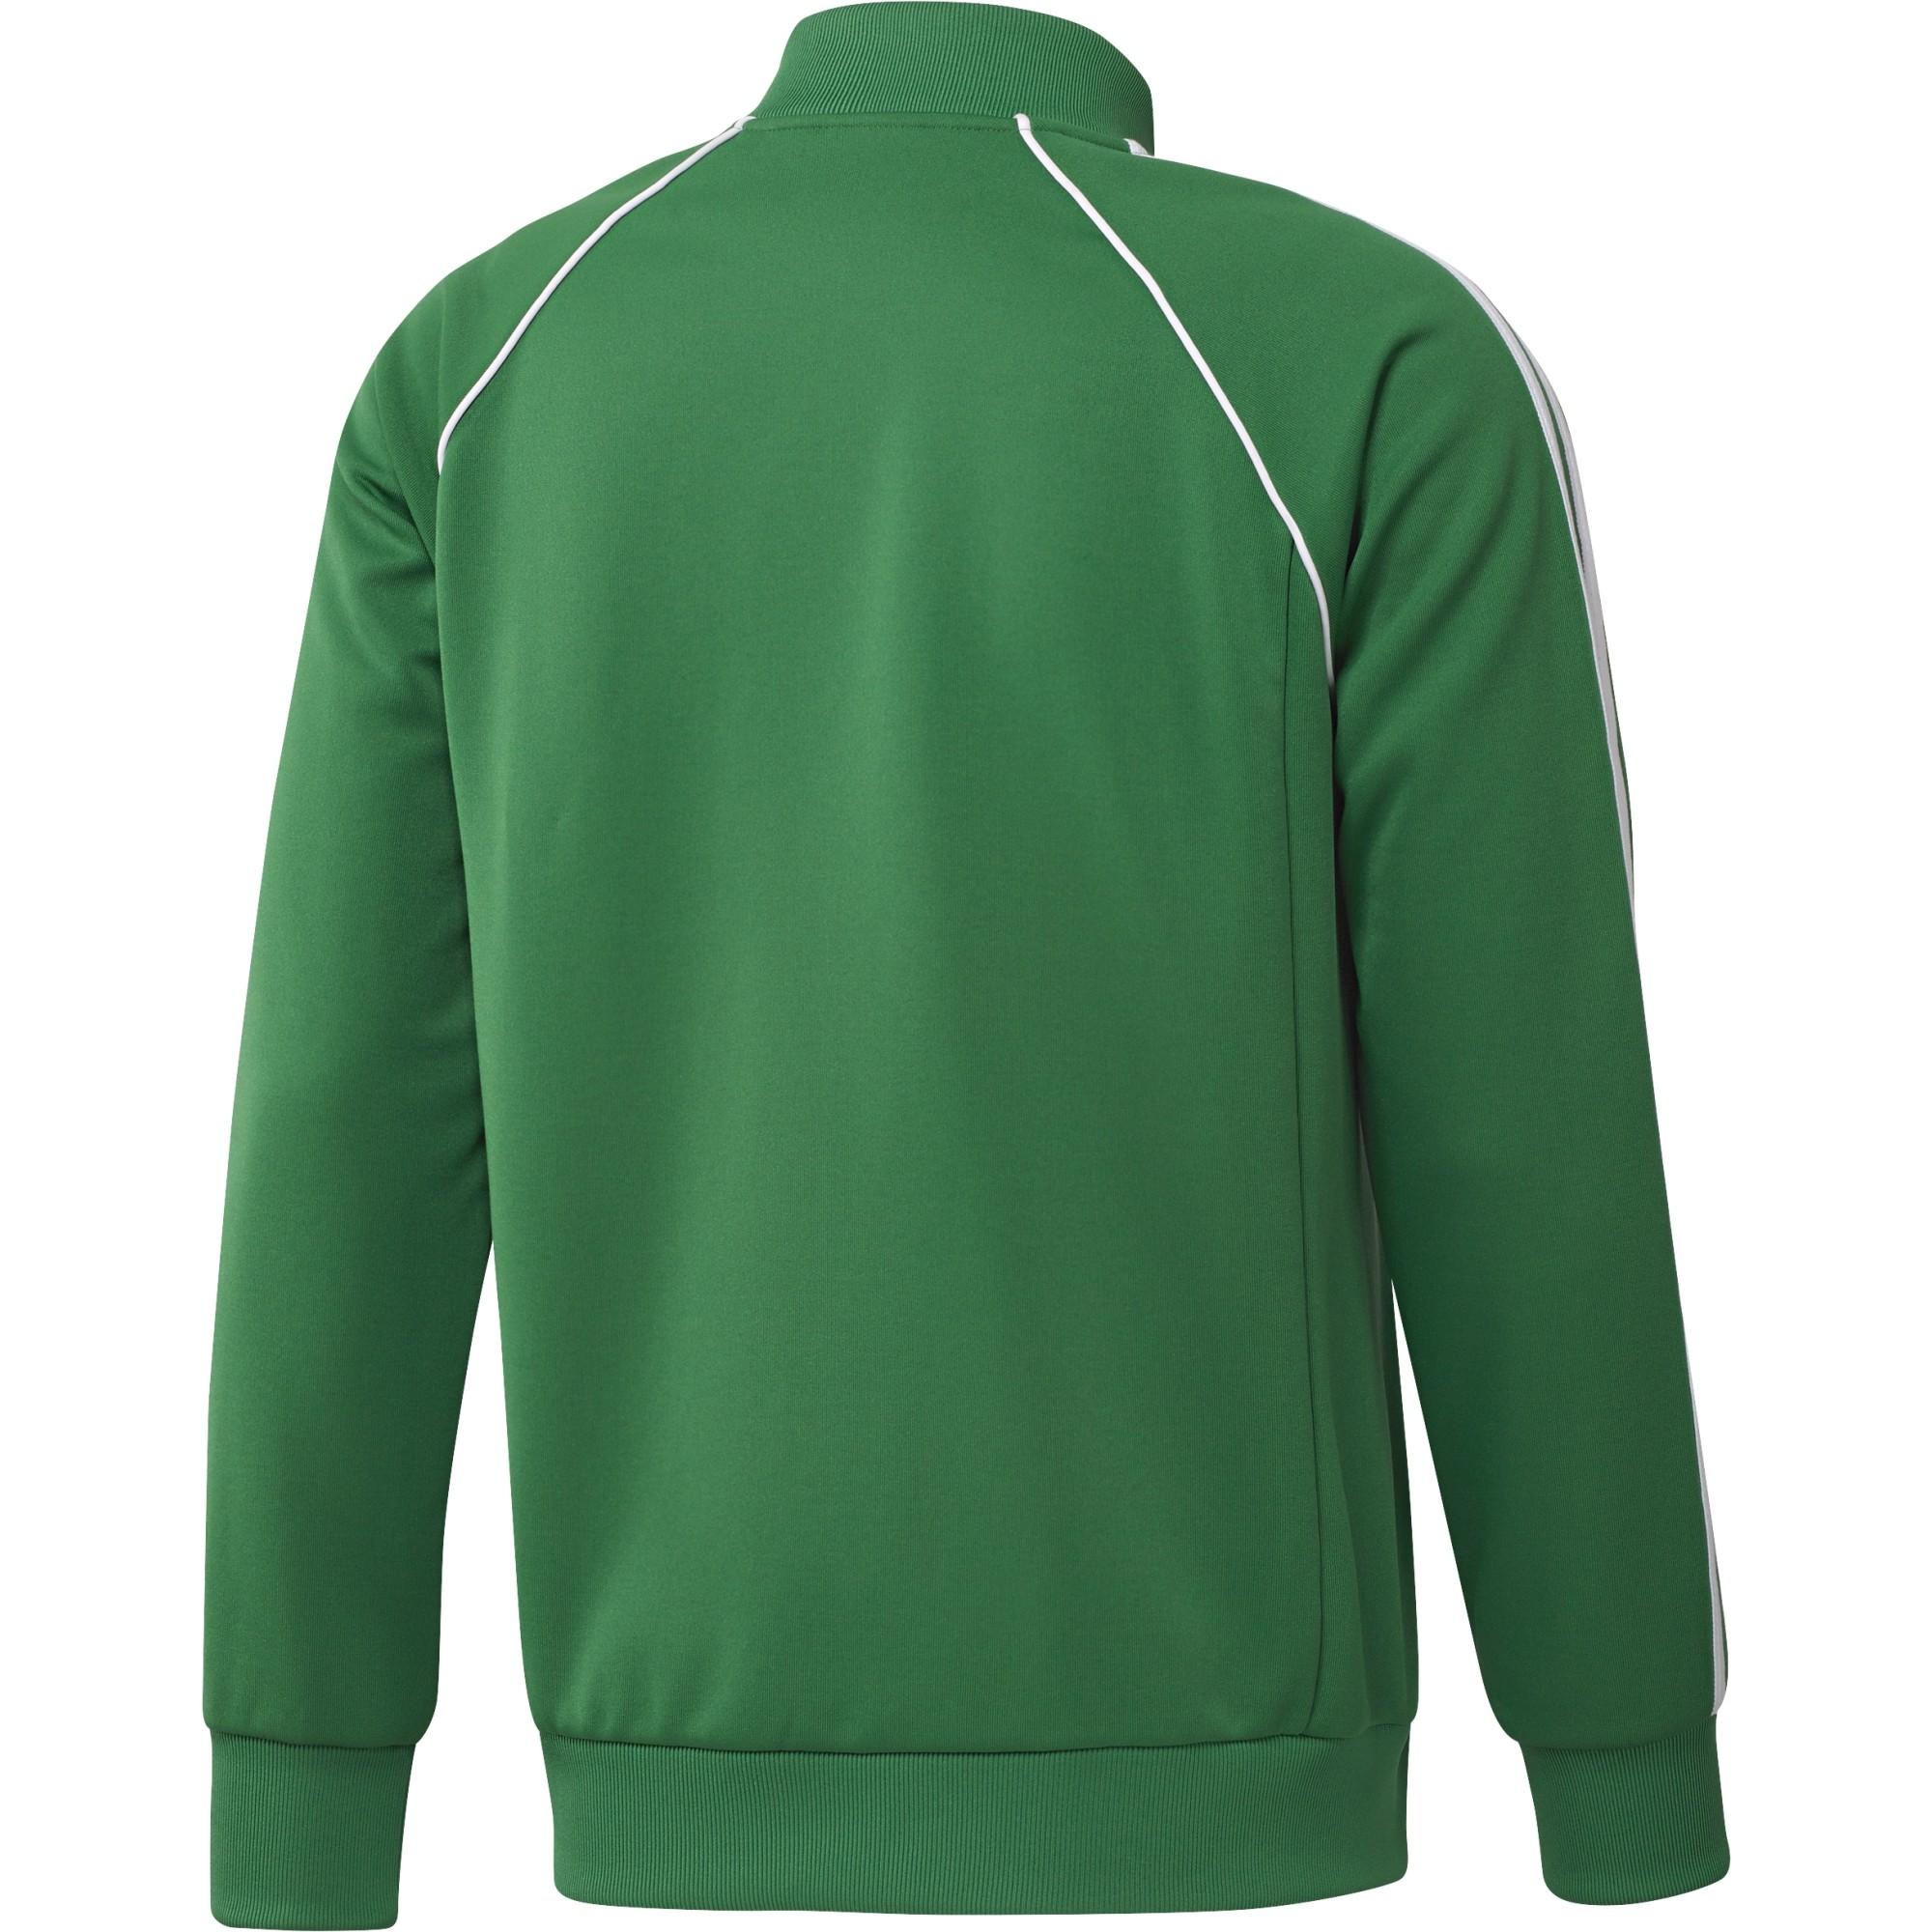 b33dc4e7c006f Verde Hombre Moya Tt Sst Venta Deportes De Sudadera Adidas X7w1CxfqH